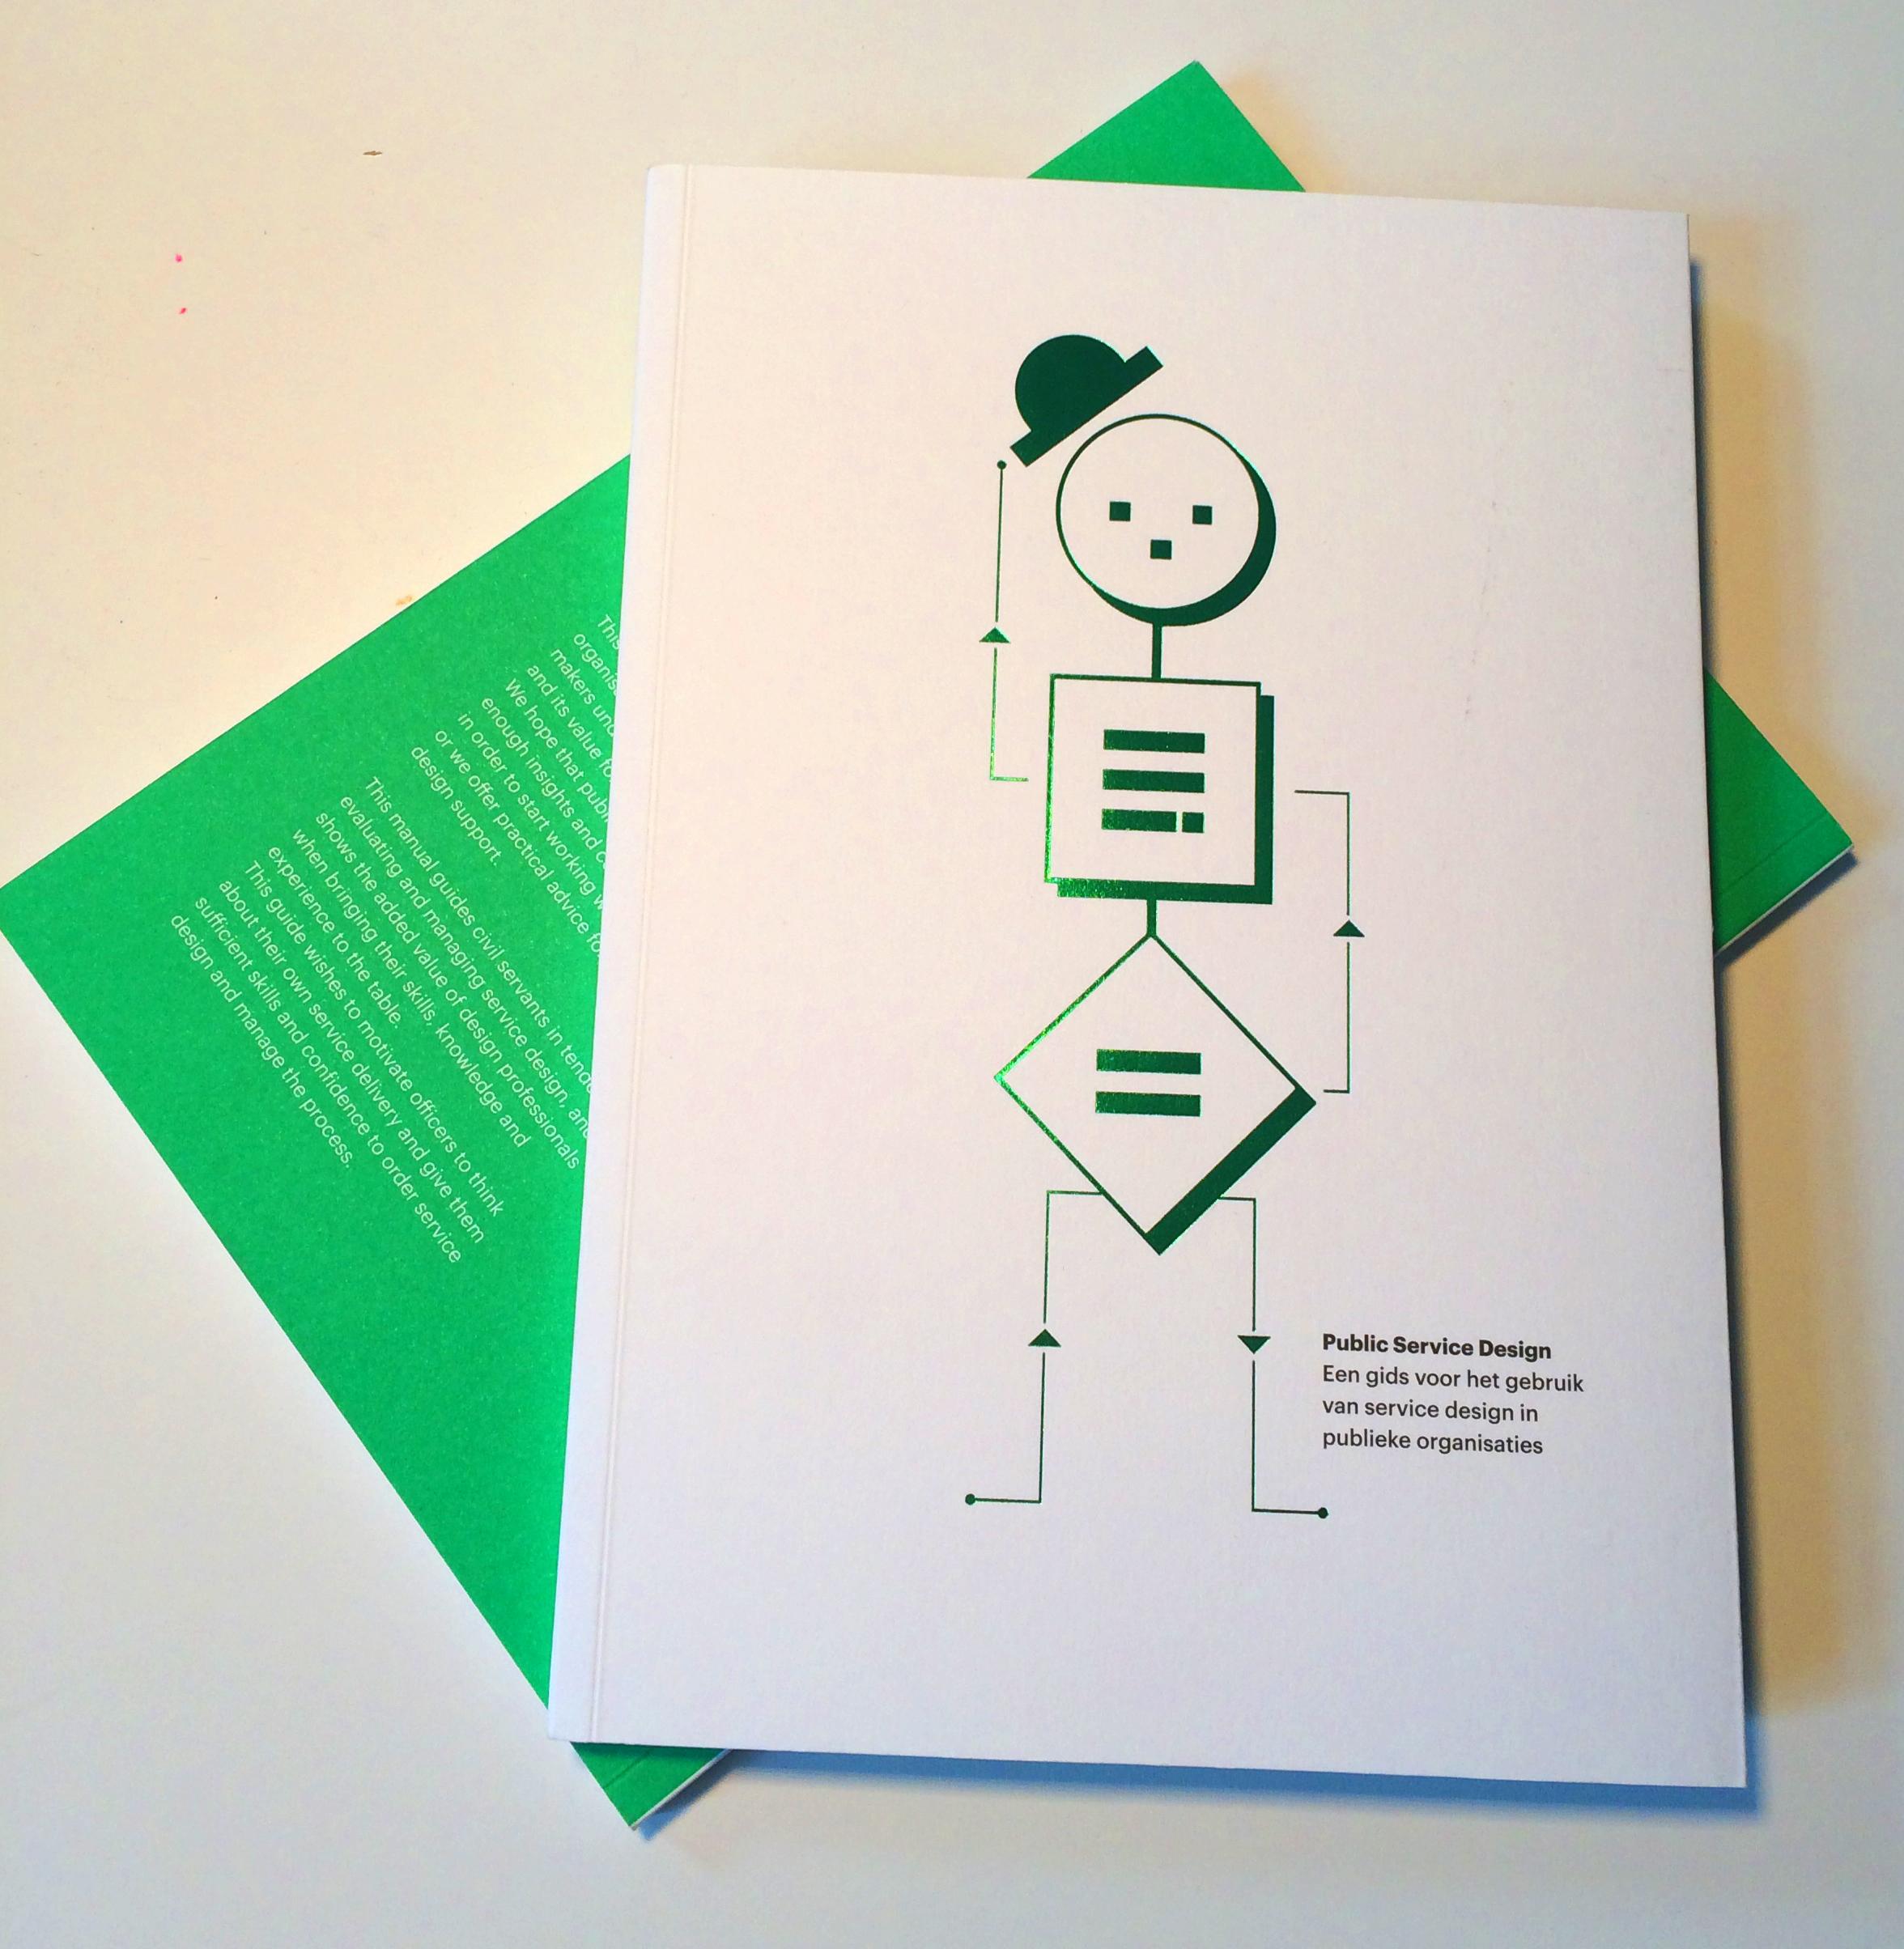 Public Service Design guide